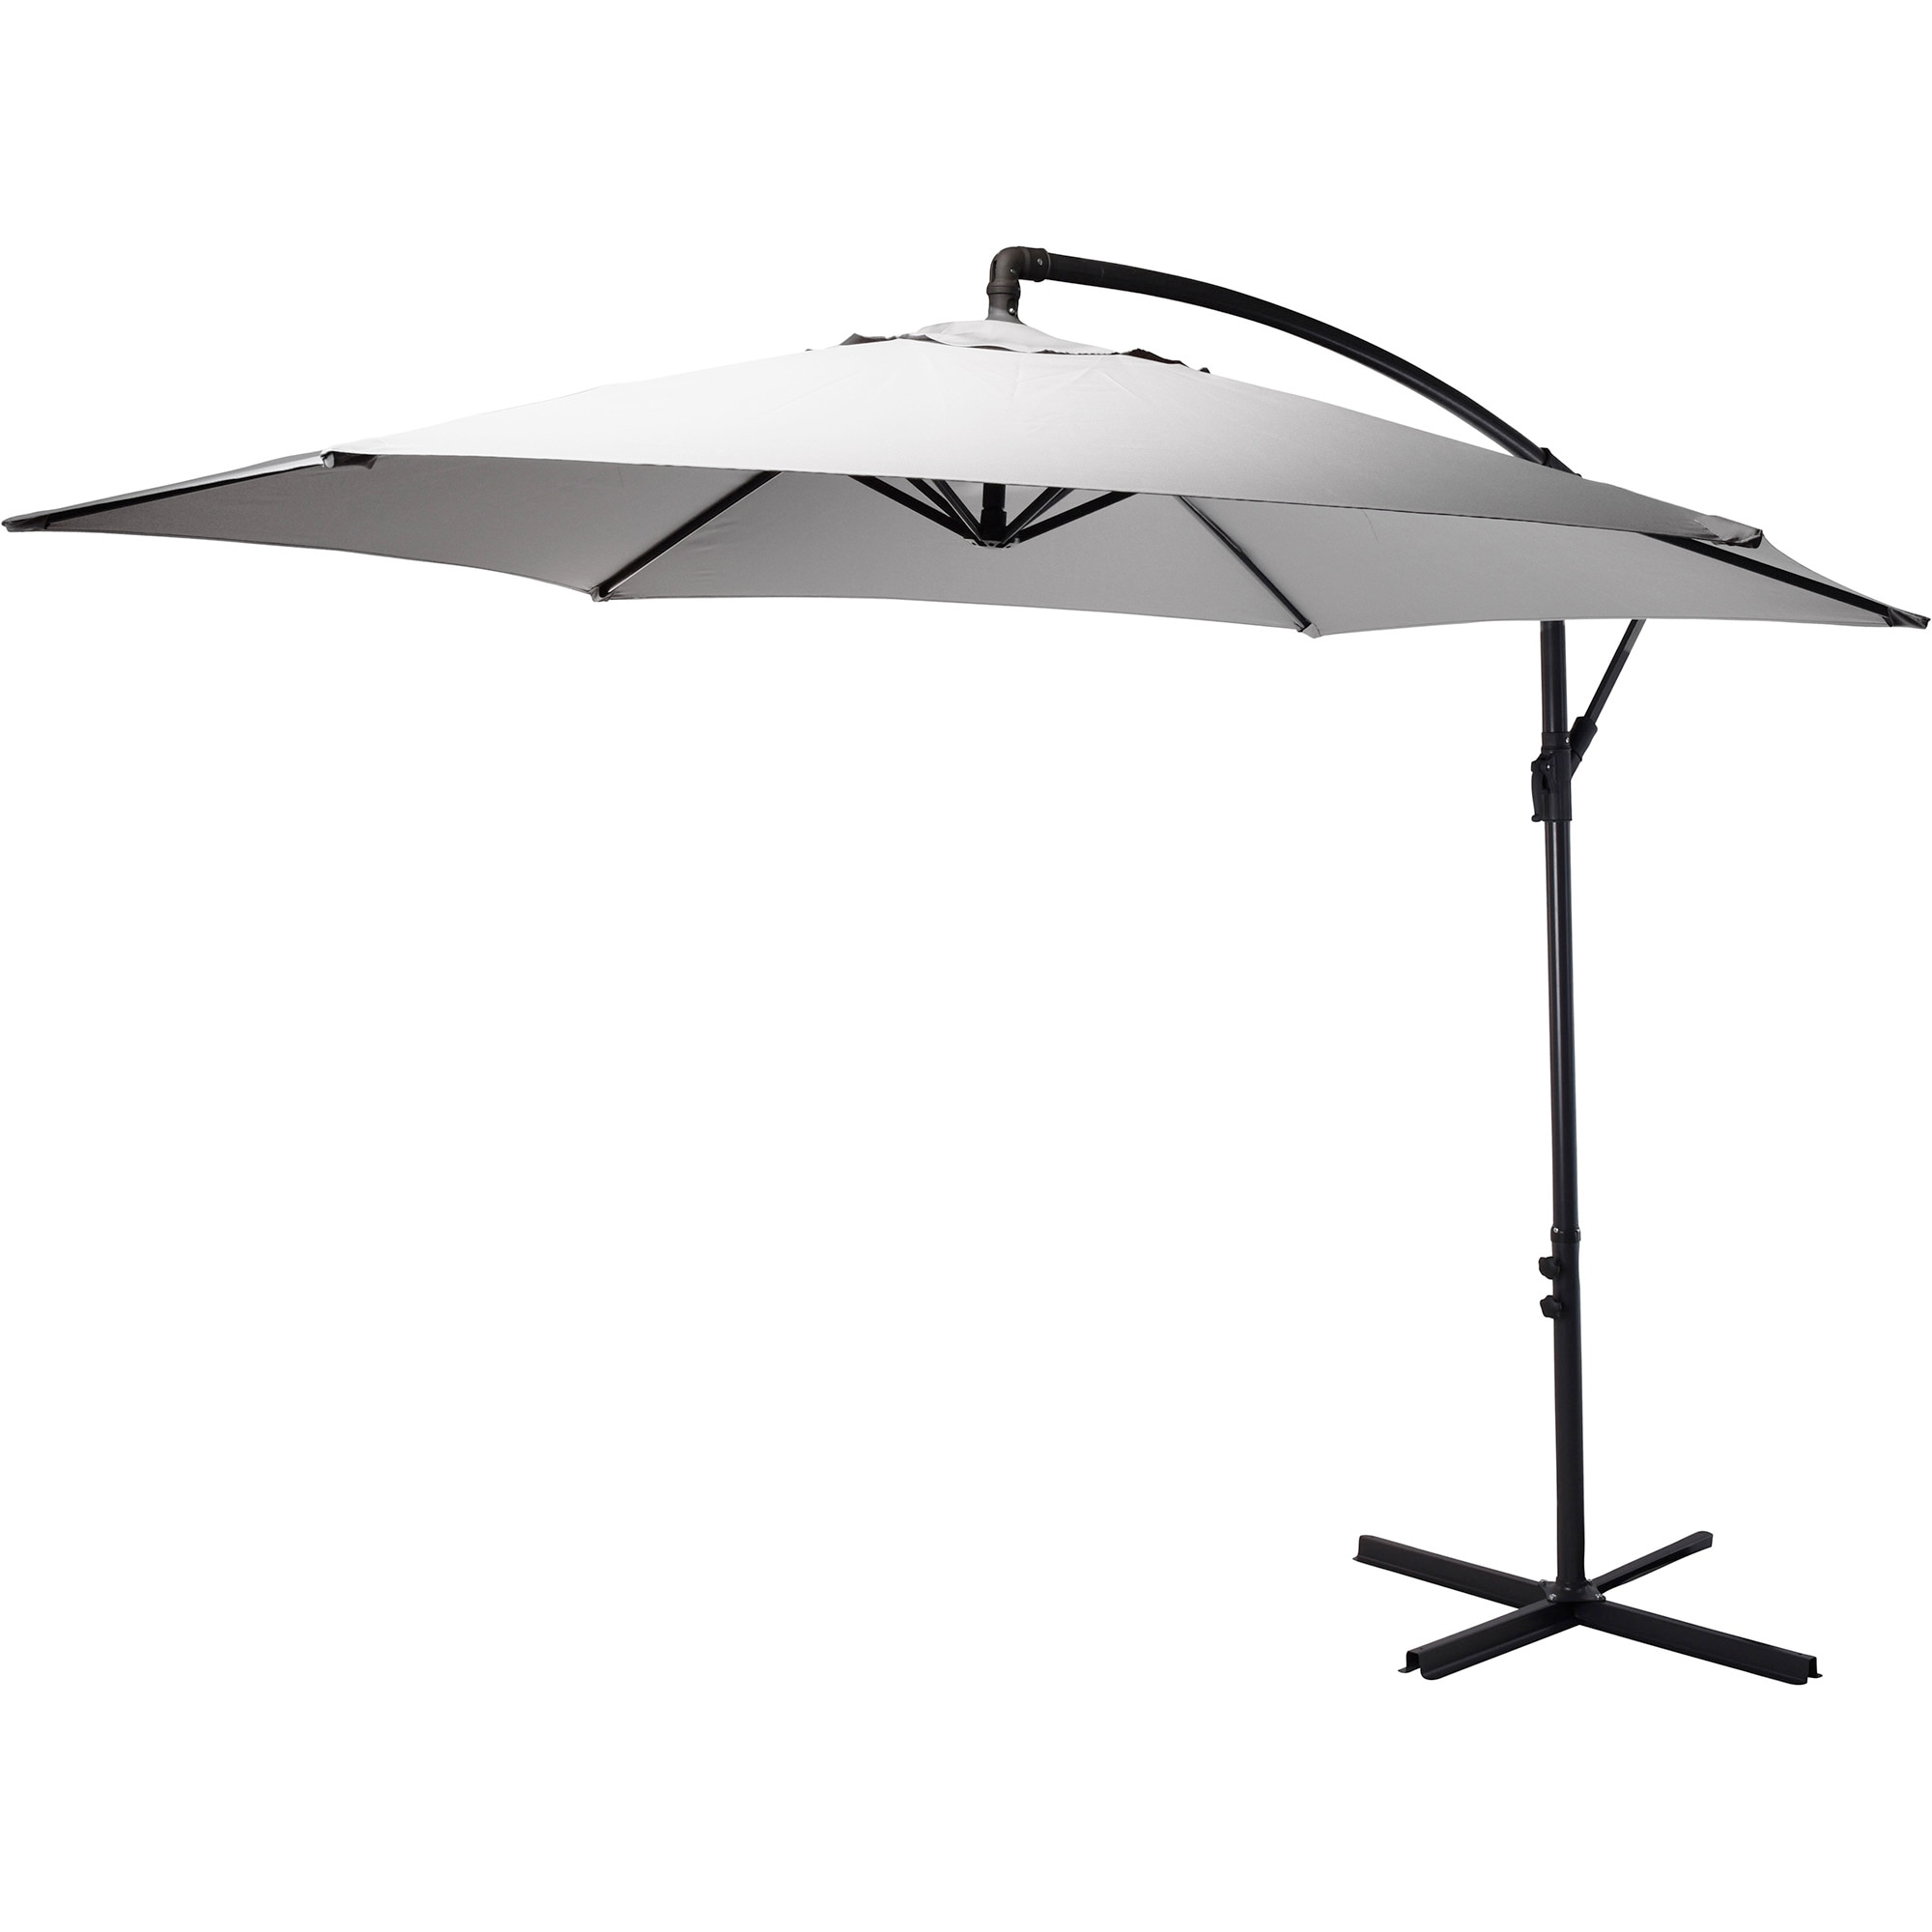 Fotografie Umbrela de soare suspendata Ambiance, 290x245 cm, gri deschis